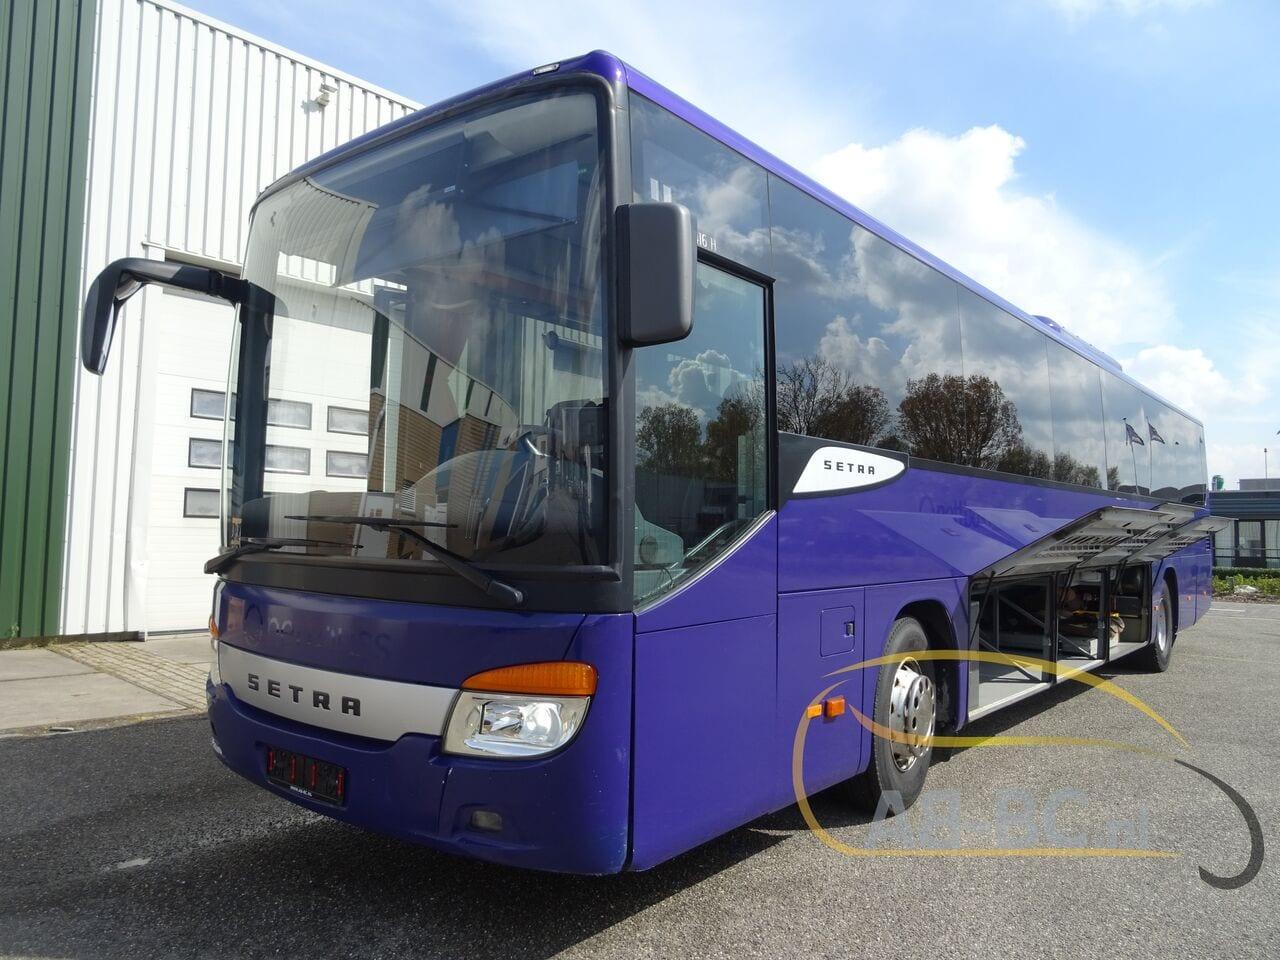 coach-busSETRA-S416H-48-SEATS-LIFTBUS---1620309575572896992_big_b1280d7ebcd9f877137dd67c233845a2--21050616581387095000